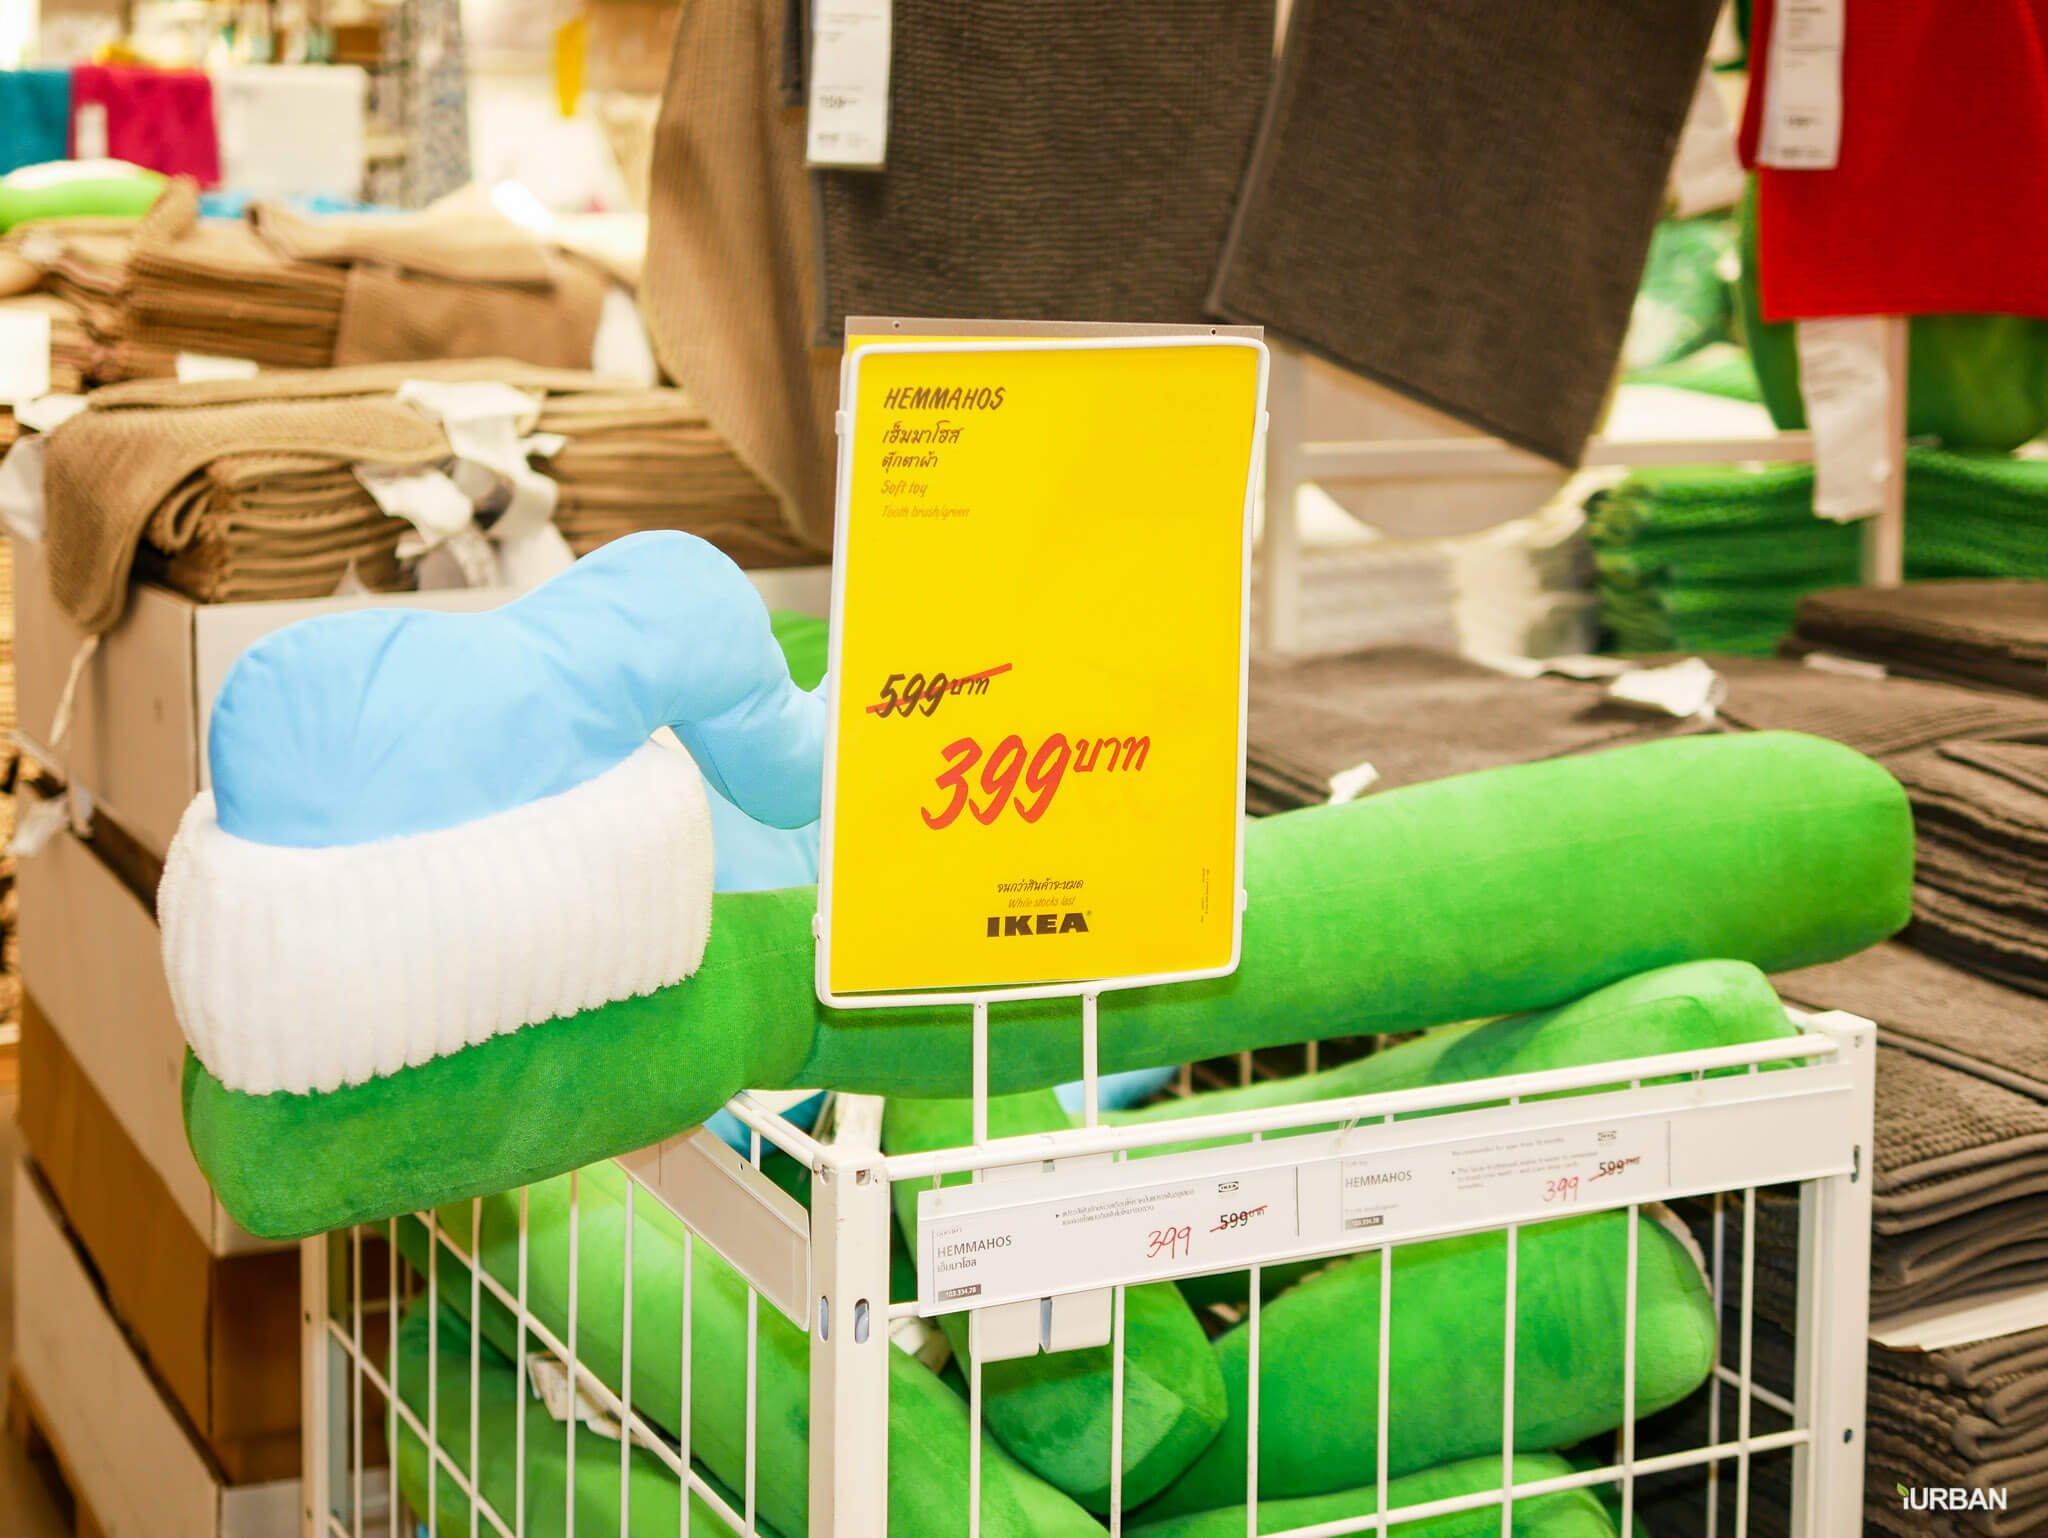 มันเยอะมากกกก!! IKEA Year End SALE 2017 รวมของเซลในอิเกีย ลดเยอะ ลดแหลก รีบพุ่งตัวไป วันนี้ - 7 มกราคม 61 163 - IKEA (อิเกีย)